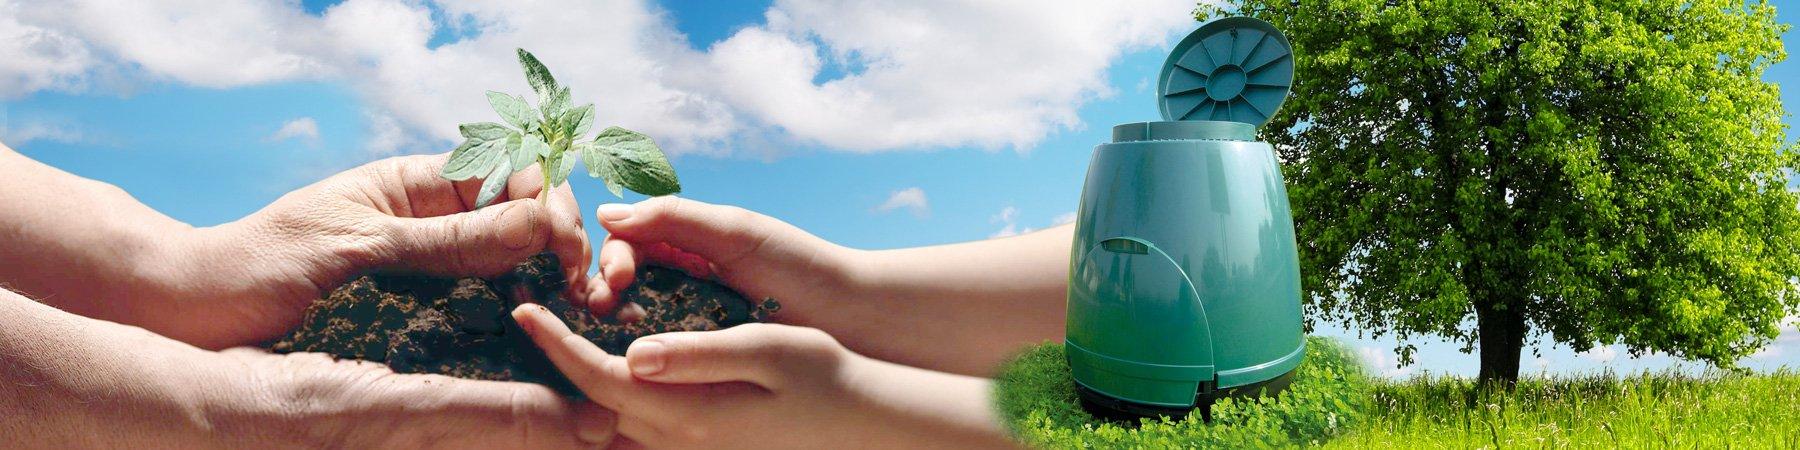 Risultati immagini per compostaggio domestico